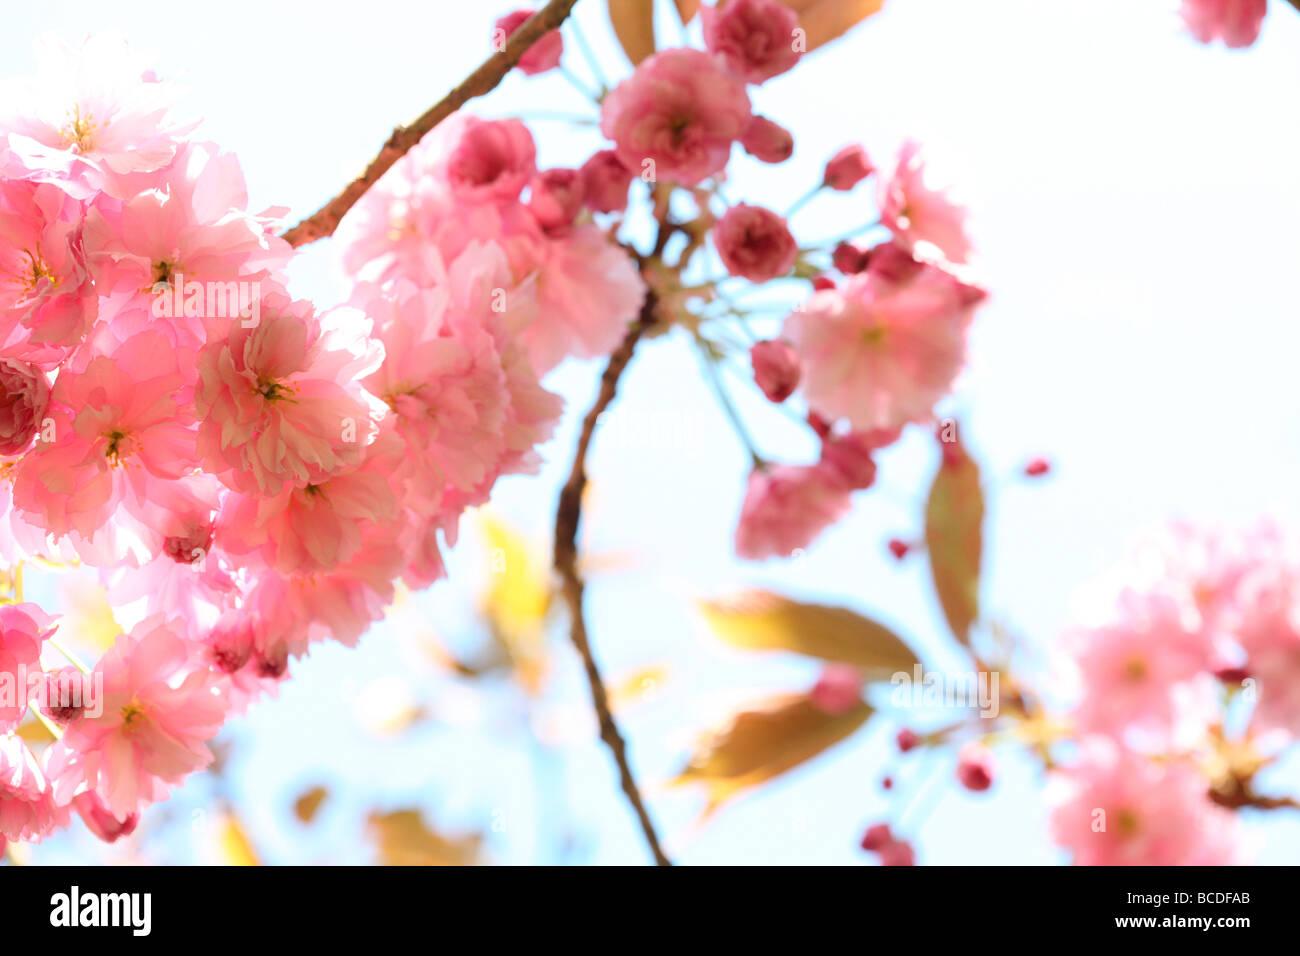 einen Vorgeschmack auf den Frühling Prunus Kirschblüte Kunstfotografie Jane Ann Butler Fotografie JABP456 Stockbild